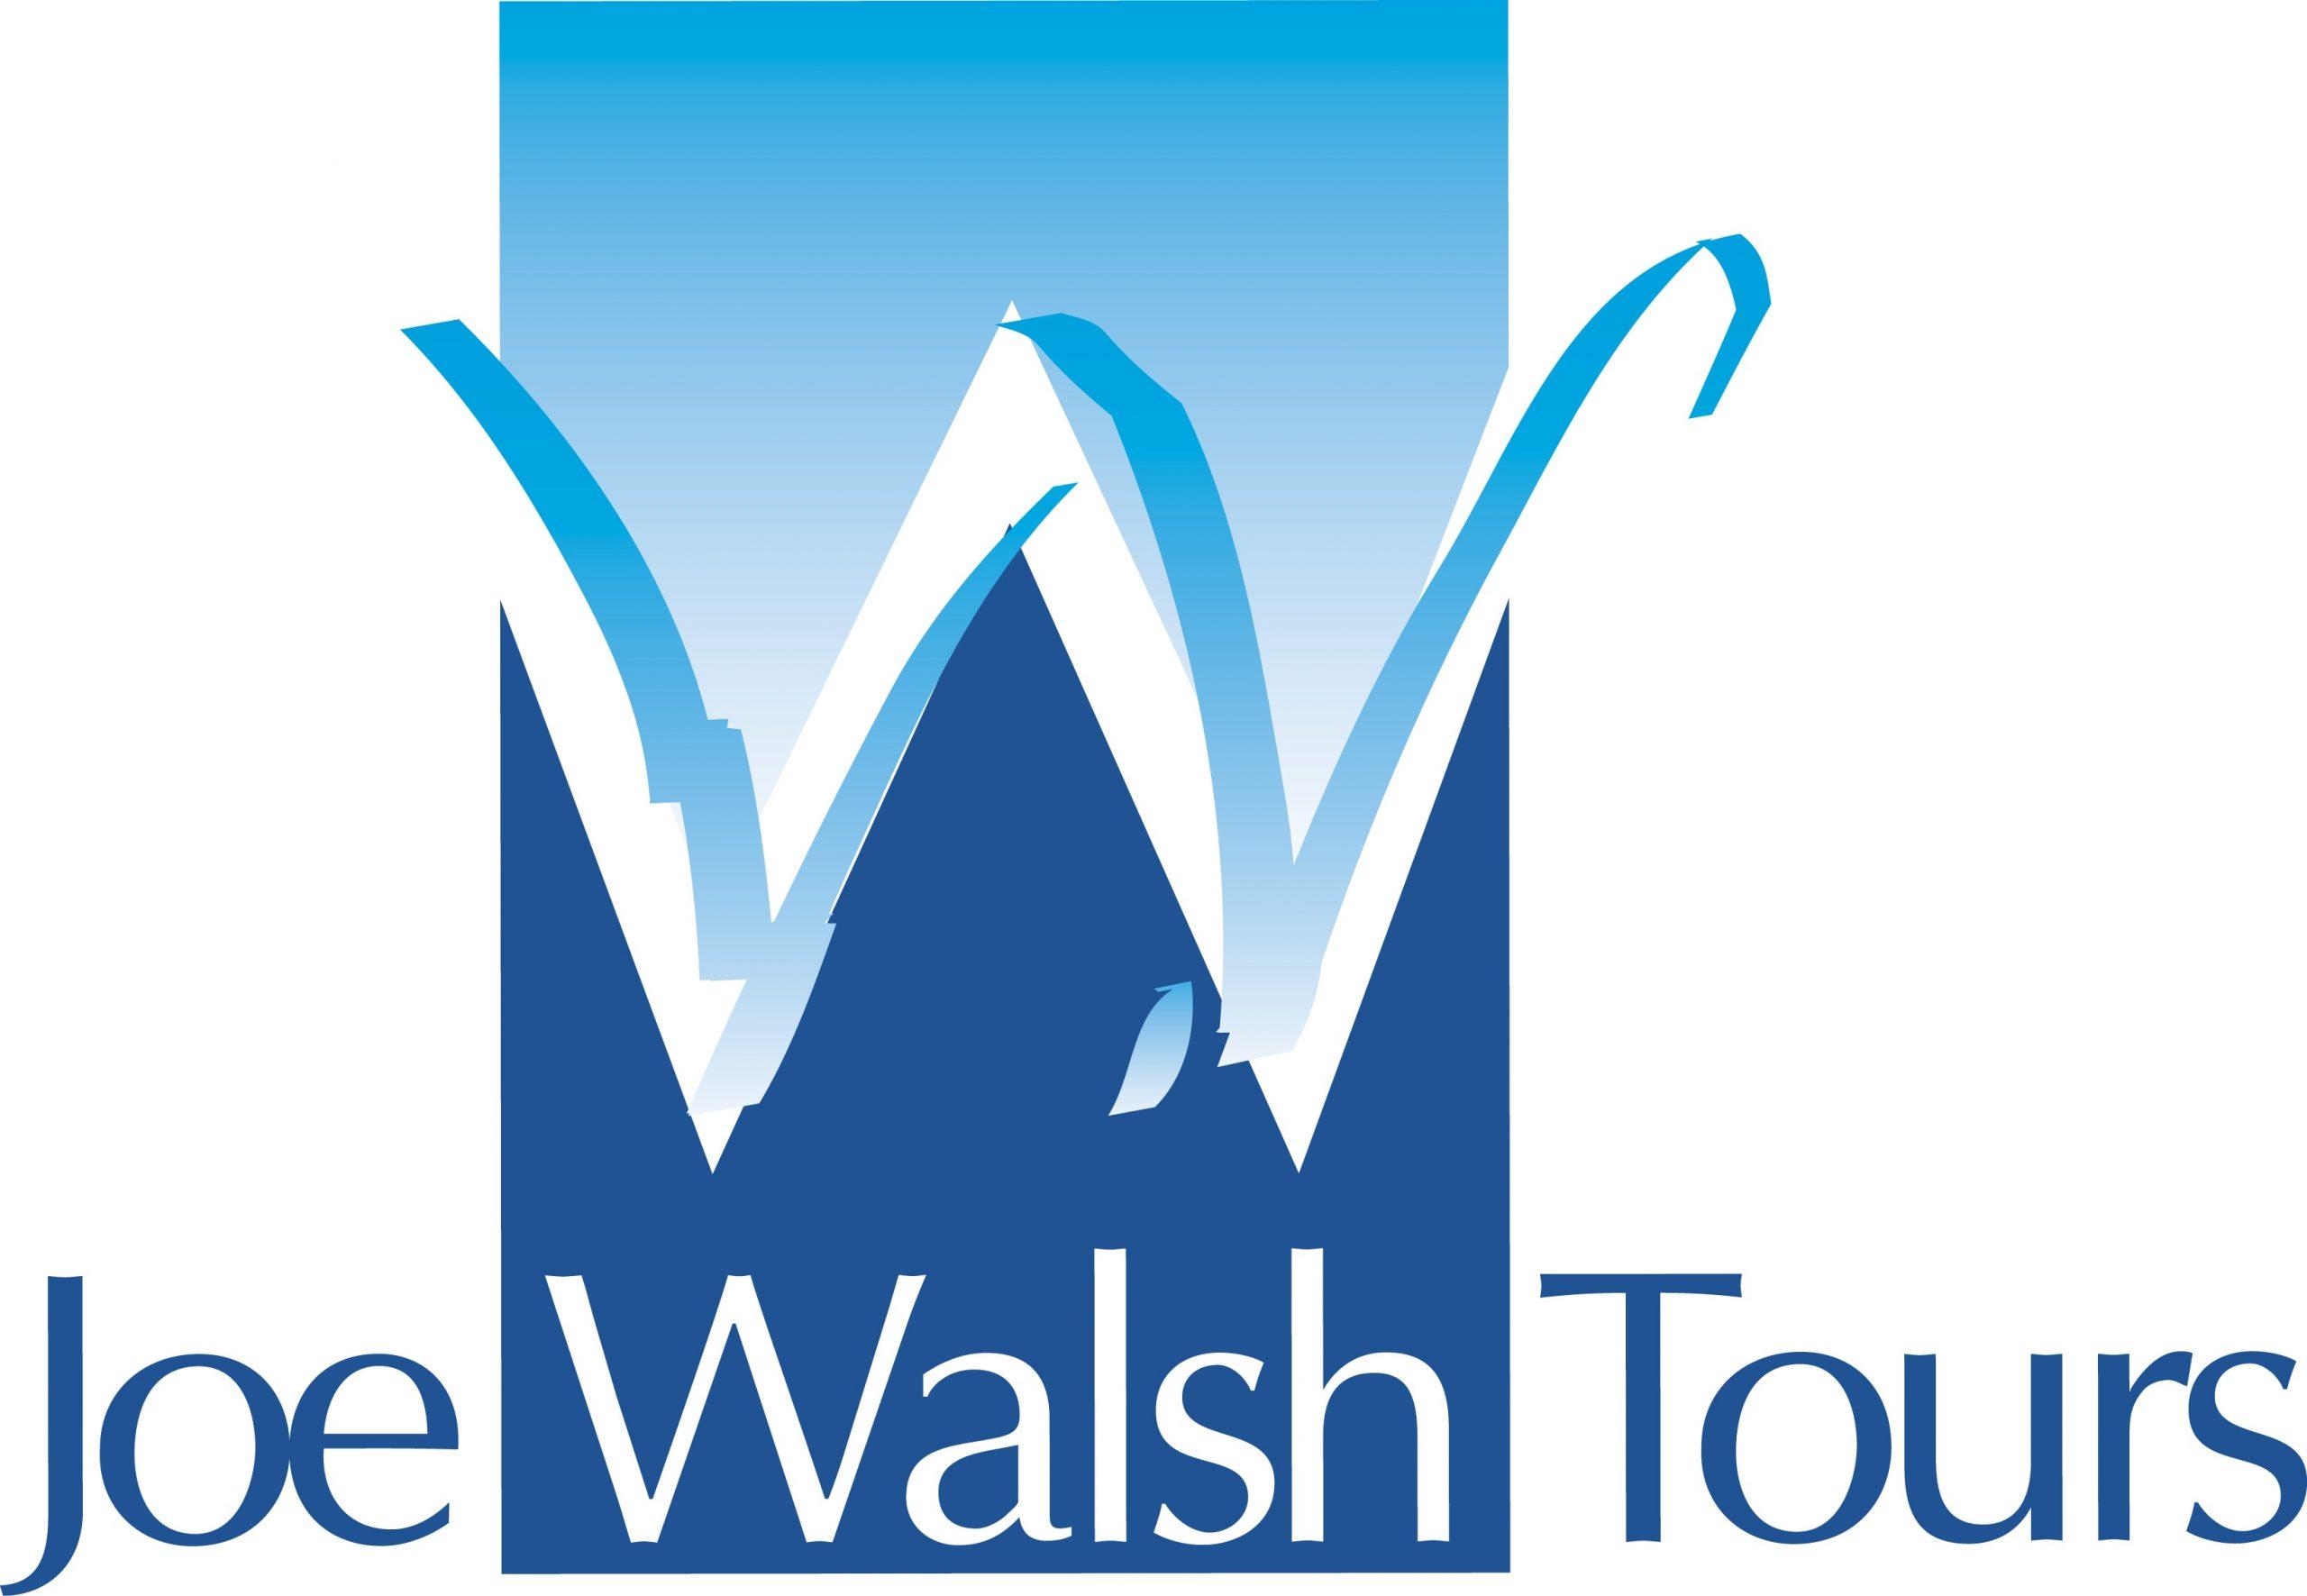 joe walsh tours update lourdes oblates